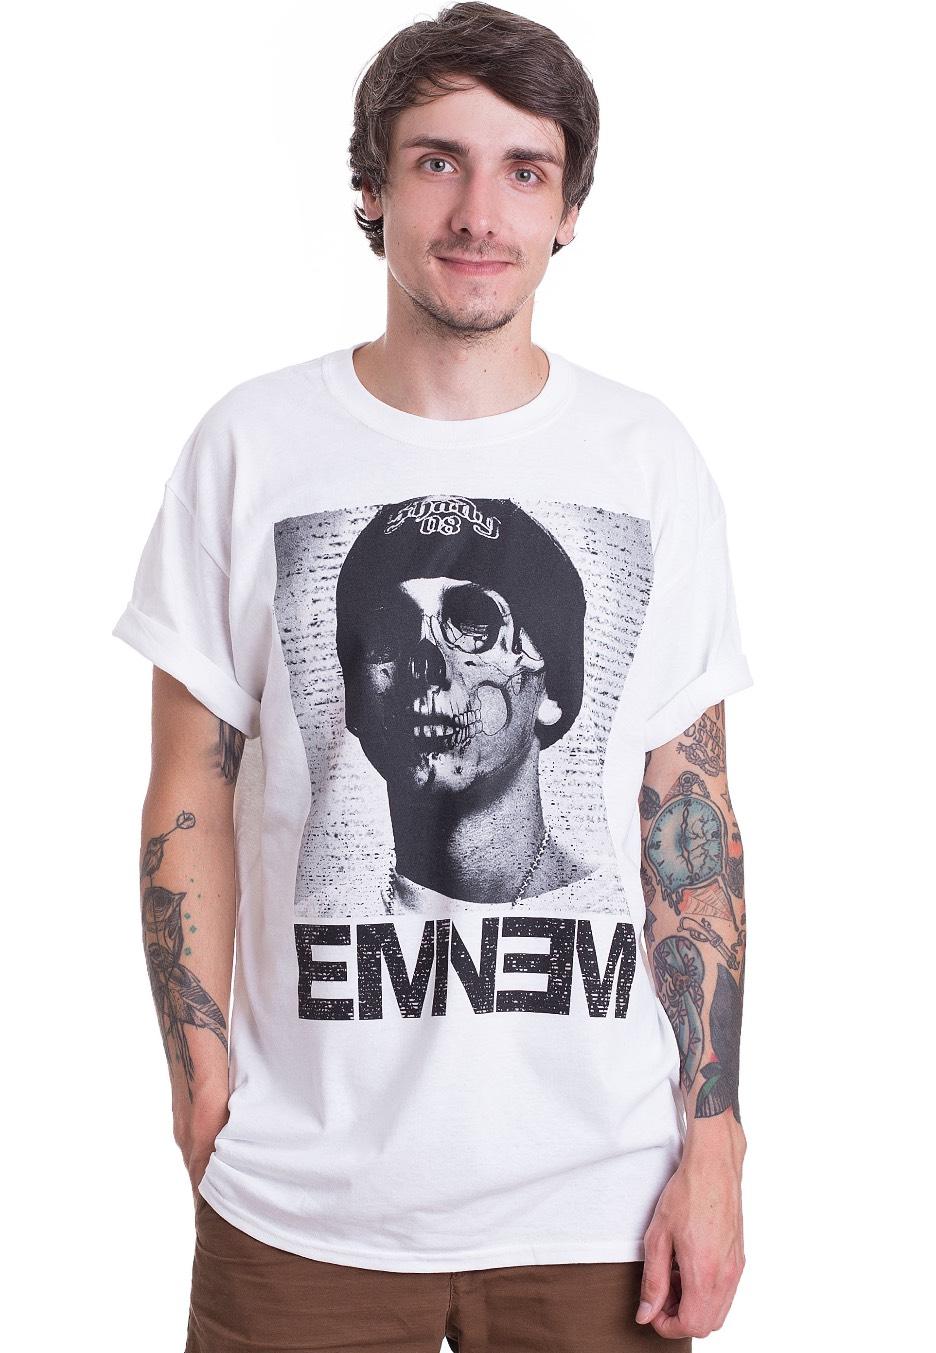 Eminem - Skull Face White - T-Shirt - Official Rap Merchandise Shop -  Impericon.com AU 513f633ab0b